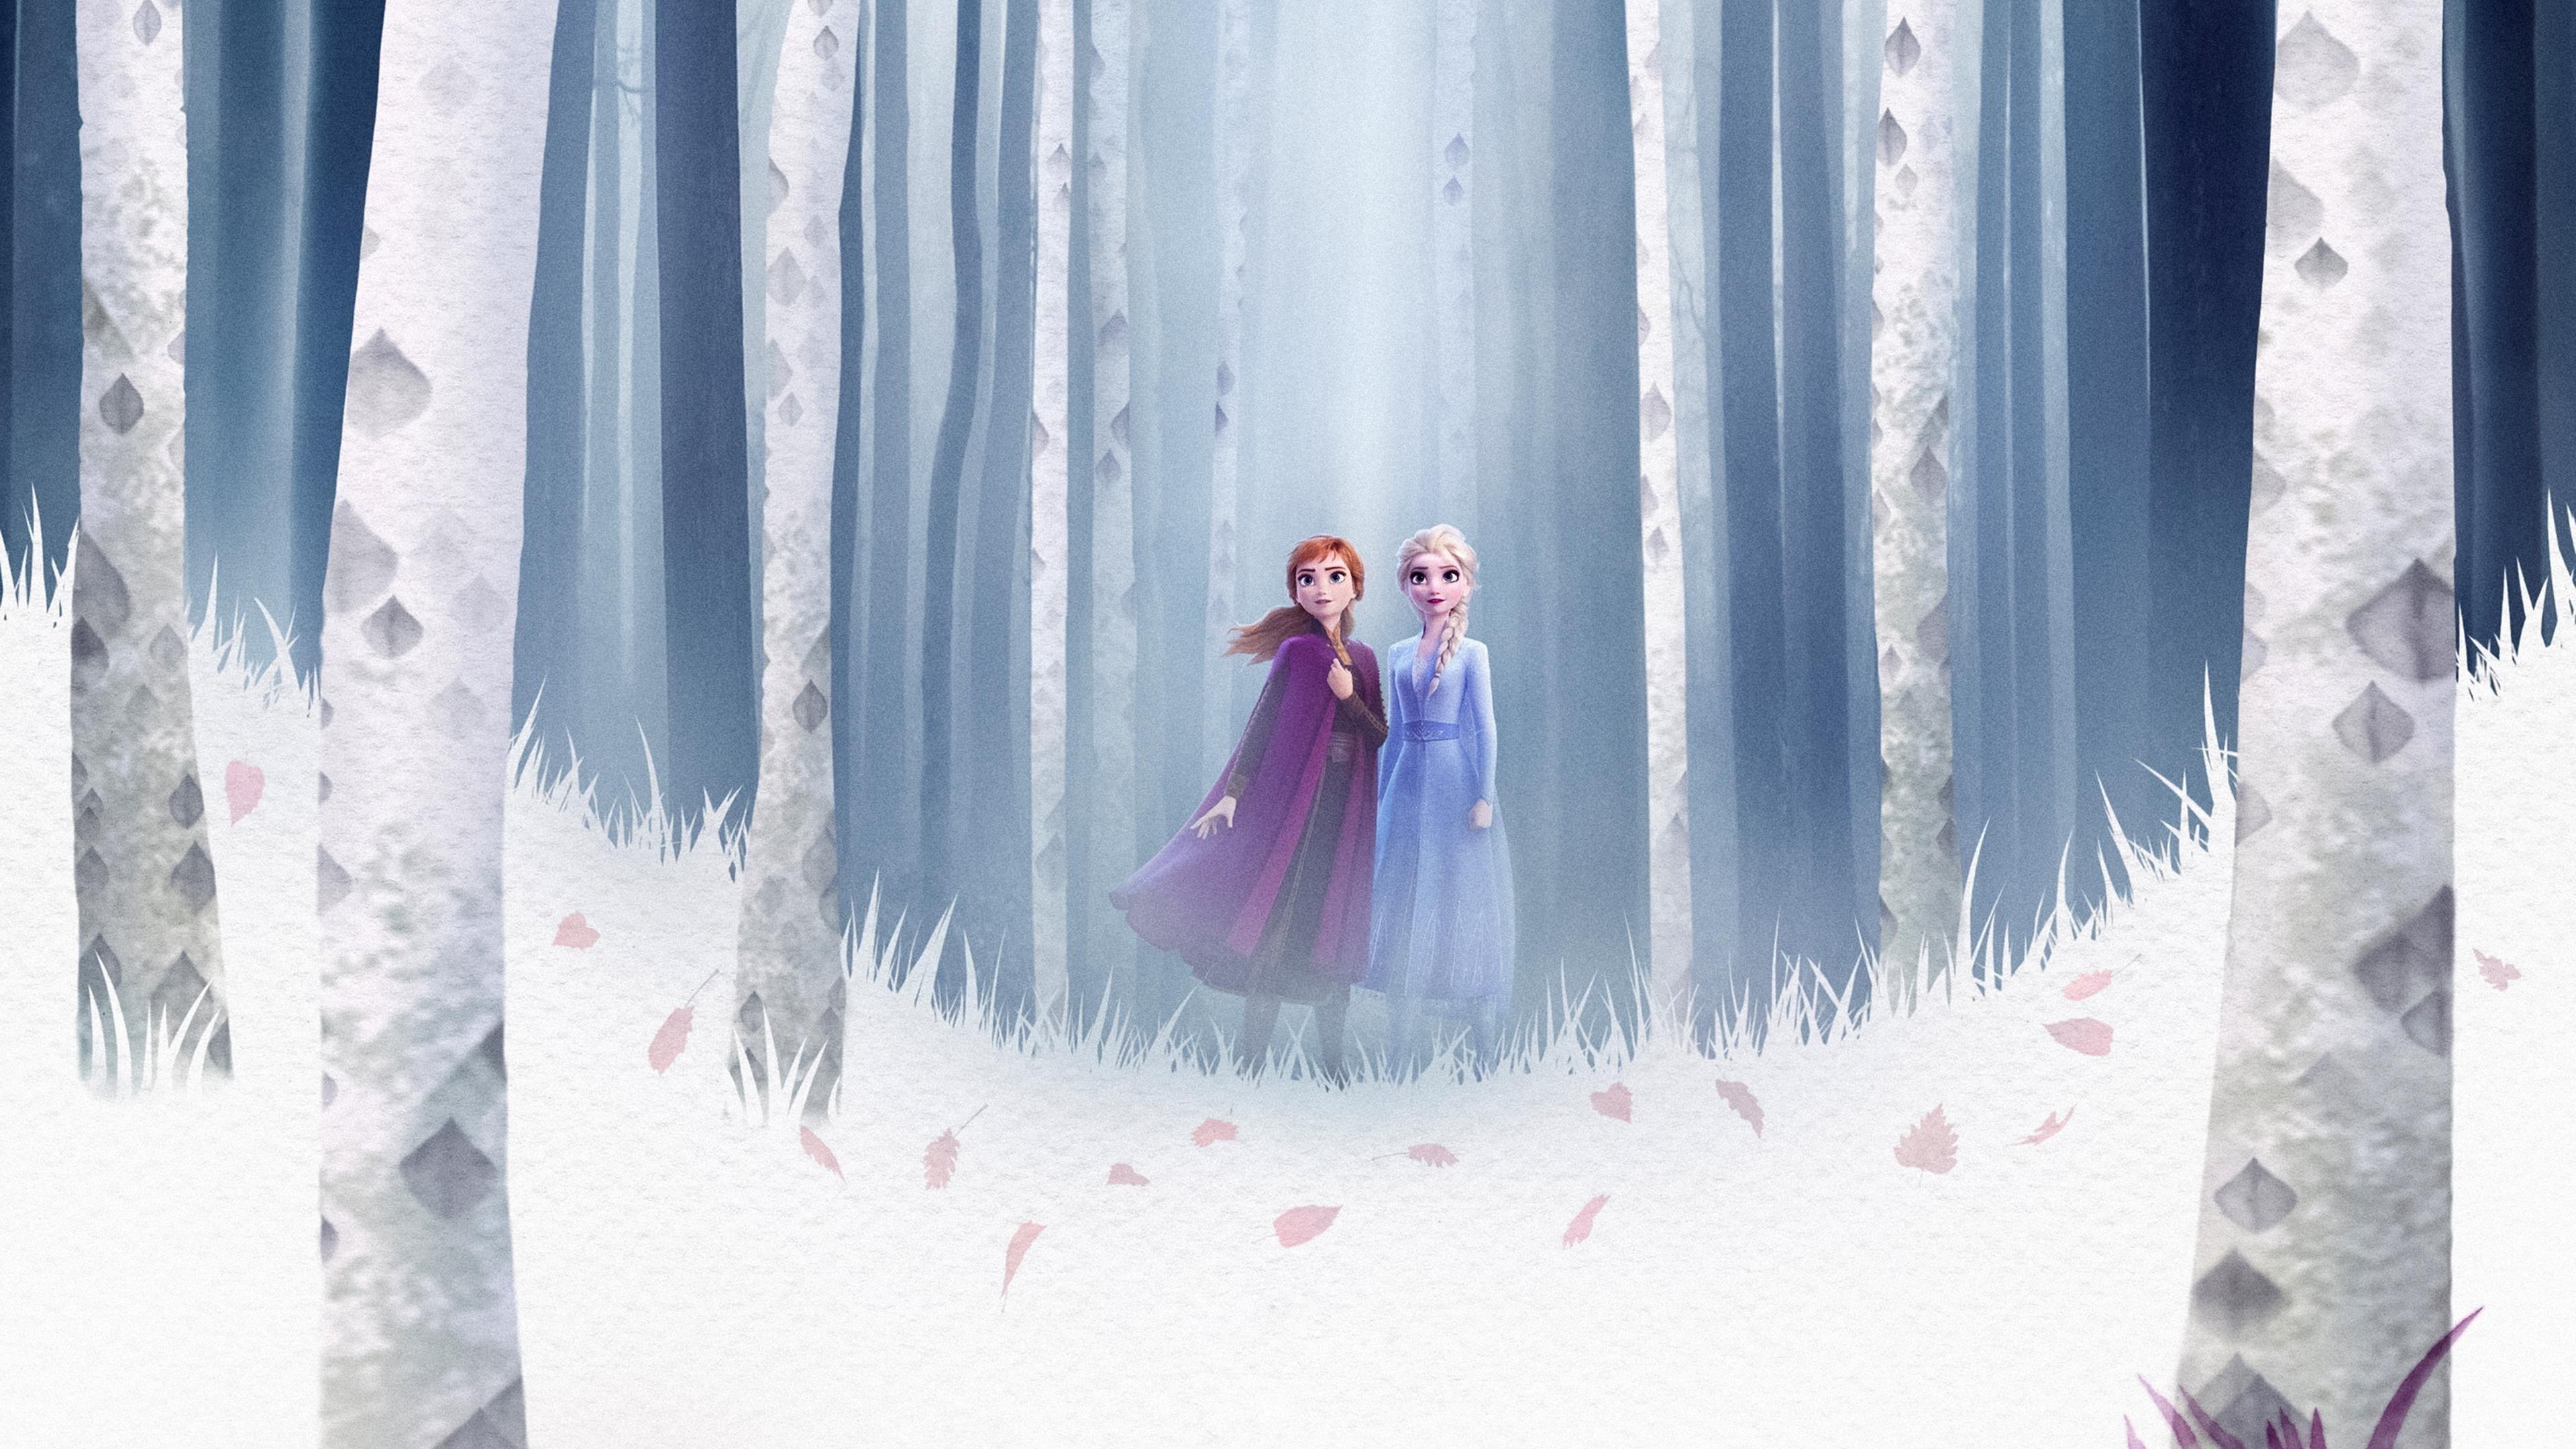 Elsa Анна замороженные 2 обои скачать